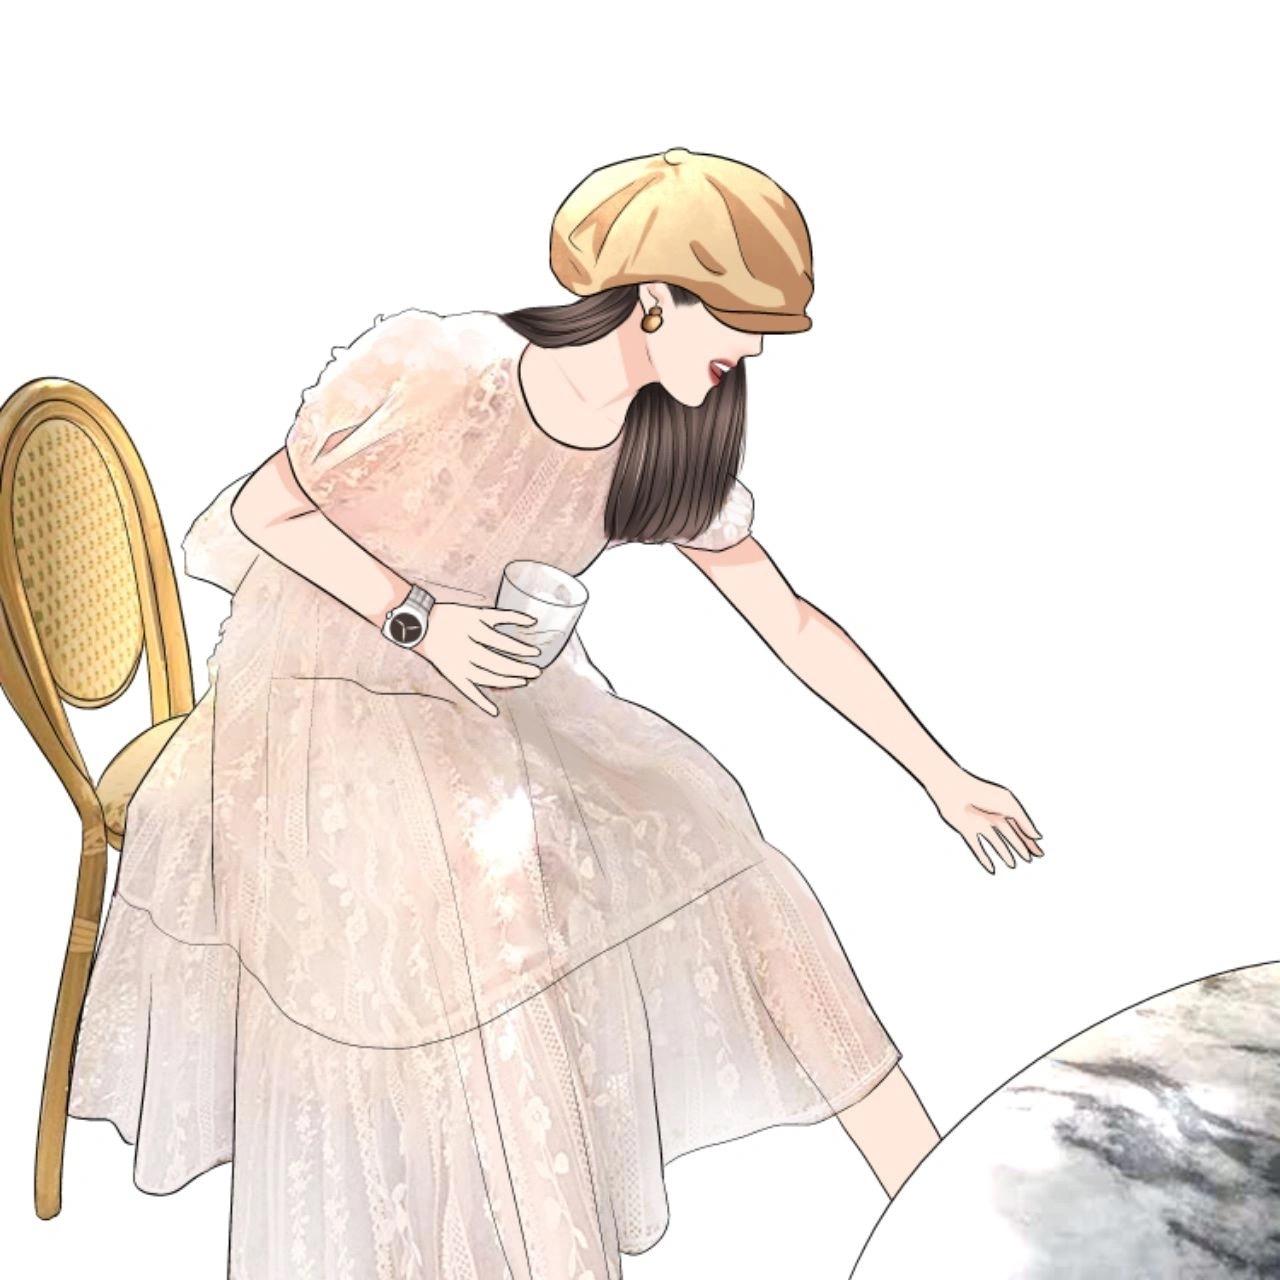 卢洁云 CARIEDO「诺曼底花园」本期主打夏日浆果拼轻透蕾丝连衣裙